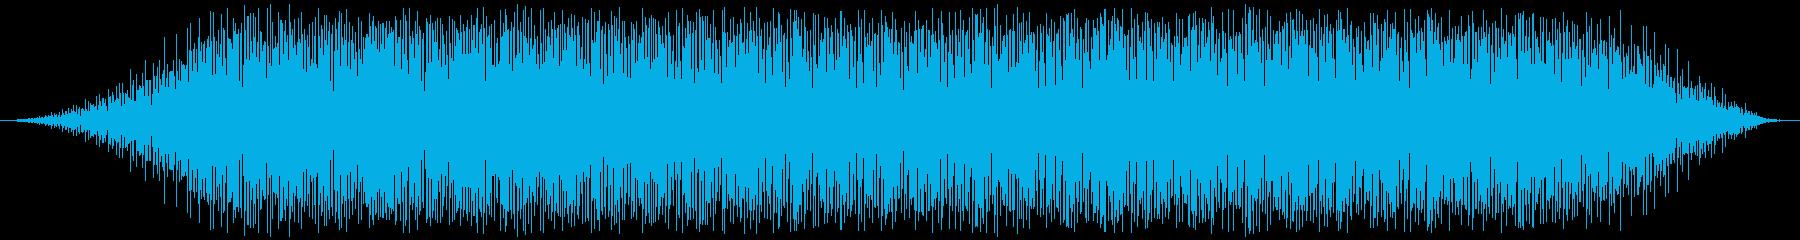 妖艶なグレゴリオ聖歌の再生済みの波形